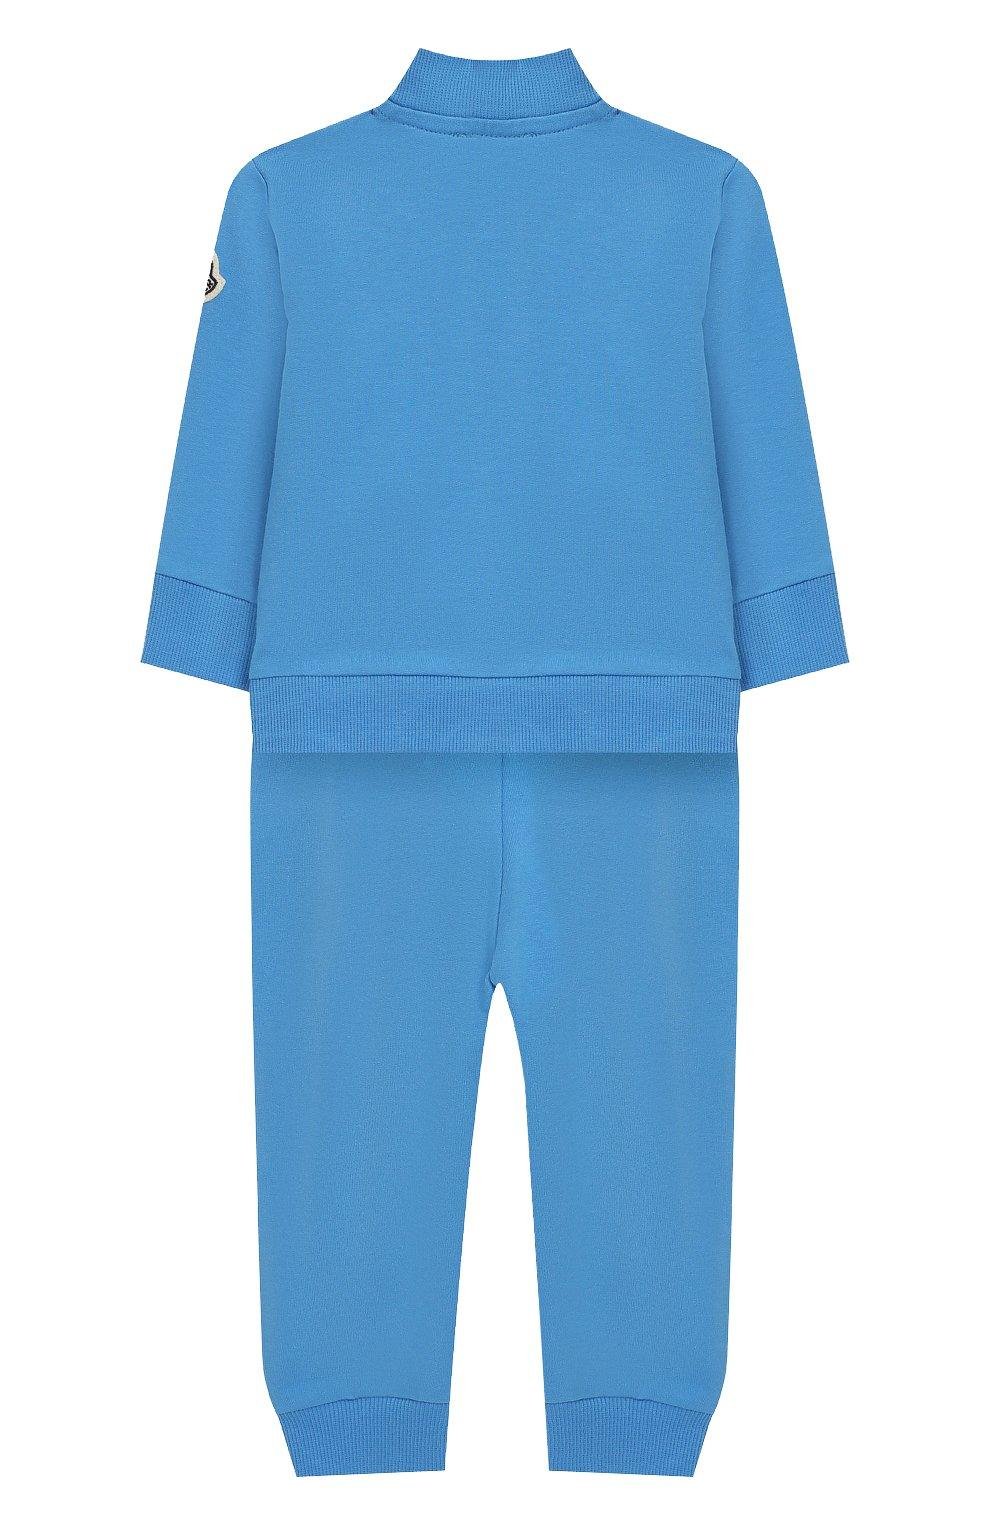 Детский комплект из хлопкового кардигана и брюк MONCLER ENFANT голубого цвета, арт. E1-951-88122-05-V8012 | Фото 2